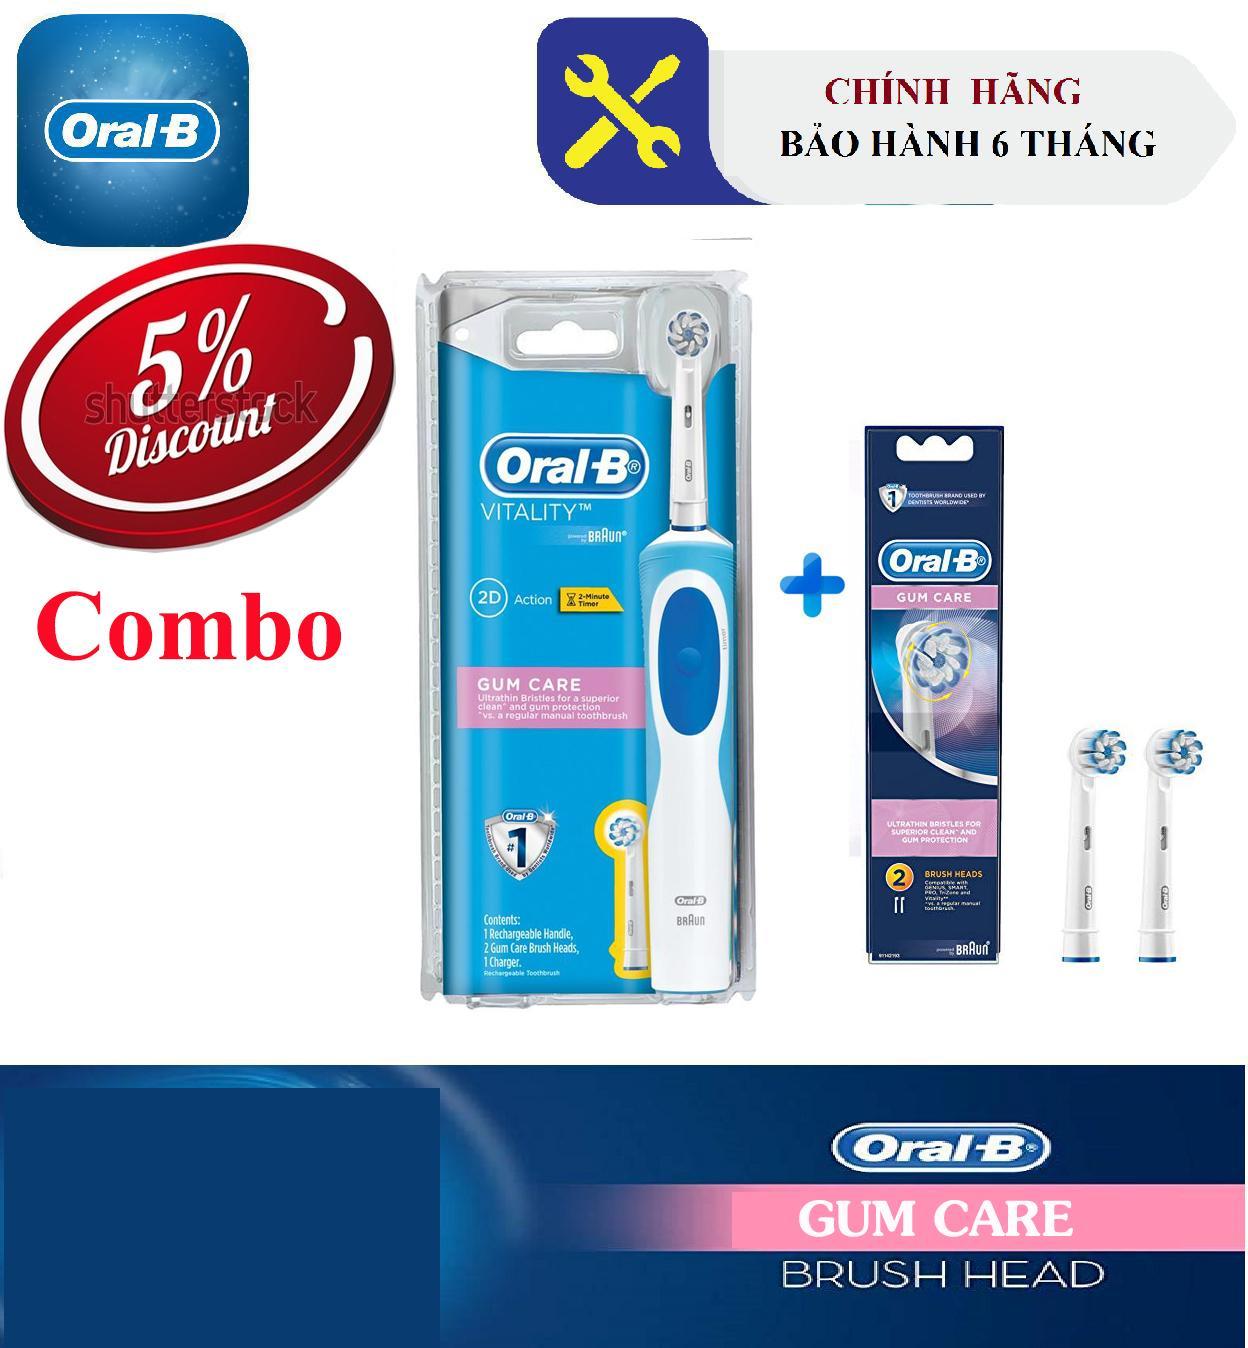 Combo chải đánh răng điện Oral-B Gumcare(Bảo hành 6 tháng) + Bộ 2 đầu Oral-B GumCare dành cho răng nhạy cảm